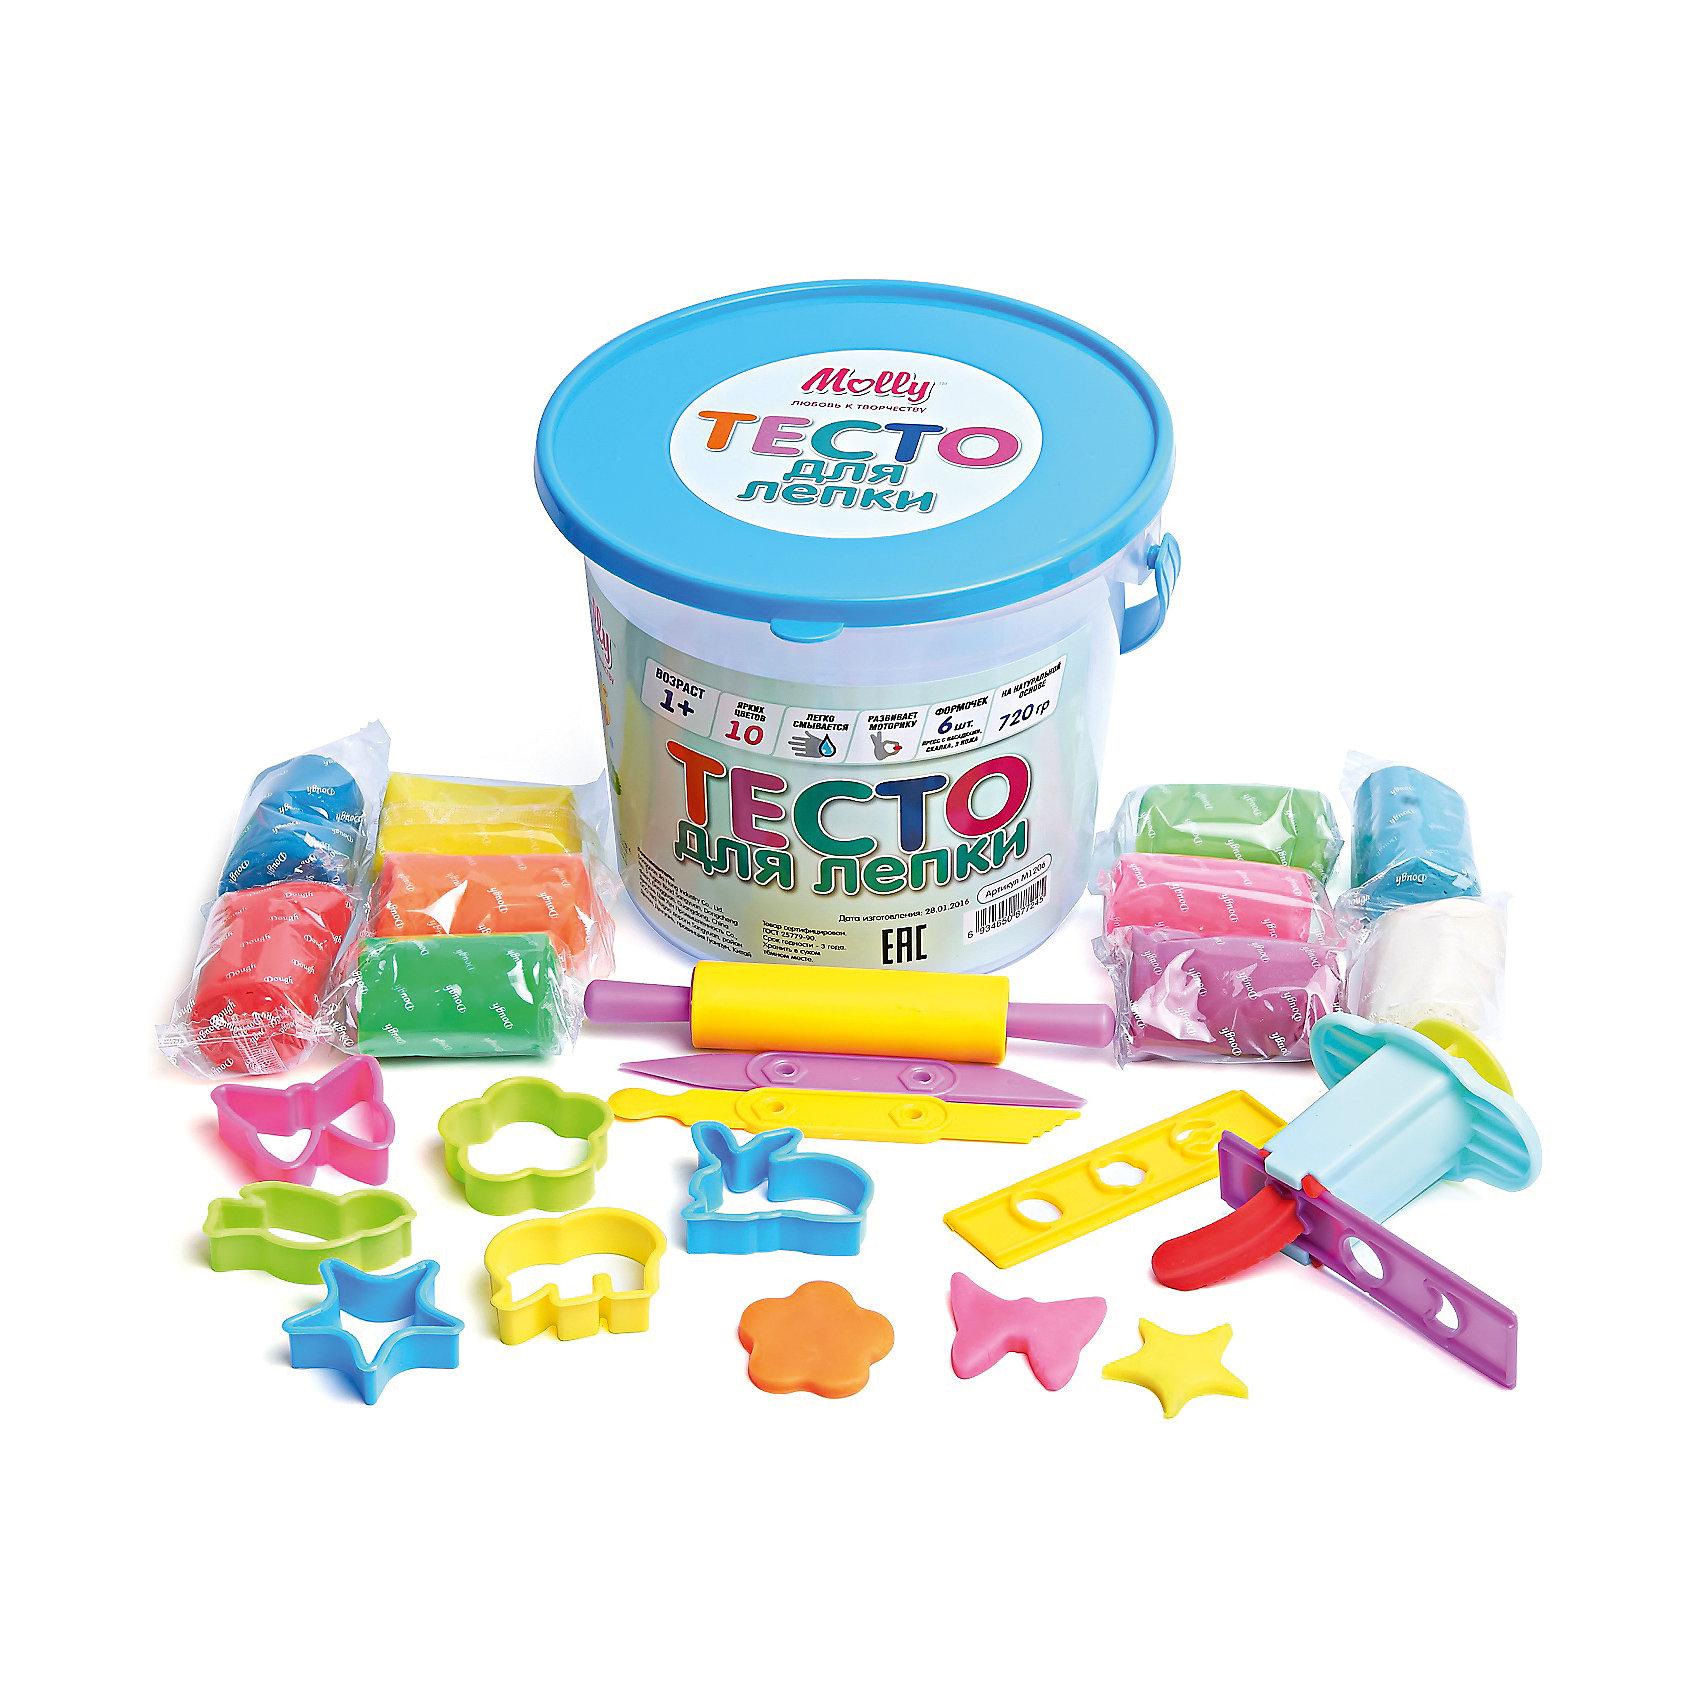 Тесто для лепки 10 цветов + пресс с насадками, 6 формочек, скалка, 2 ножаЛепка<br>Тесто для лепки 10 цветов + пресс с насадками, 6 формочек, скалка, 2 ножа.<br><br>Характеристики:<br><br>• Для детей в возрасте: от 1 года<br>• В наборе: 10 брусков разных цветов в индивидуальных упаковках (720 гр.), пресс с насадками, 6 формочек, скалка, 2 ножа<br>• Состав: пшеничная мука крахмал, вода, соль, пищевая добавка, пищевой краситель<br>• Упаковка: пластиковое ведерко с крышкой<br>• Размеры упаковки: 18х15х18 см.<br><br>Тесто может использоваться многократно при условии правильного хранения. Готовые подделки застывают на воздухе, не крошатся, обладают достаточной прочностью, после полного высыхания их можно раскрасить красками. Тесто для лепки абсолютно безопасно, гипоаллергенно. В набор также входят различные формочки, 2 ножа, скалка, пресс с насадками, с помощью которых малыш сможет создать множество ярких поделок.<br><br>Тесто для лепки 10 цветов + пресс с насадками, 6 формочек, скалка, 2 ножа можно купить в нашем интернет-магазине.<br><br>Ширина мм: 180<br>Глубина мм: 150<br>Высота мм: 180<br>Вес г: 725<br>Возраст от месяцев: 36<br>Возраст до месяцев: 2147483647<br>Пол: Унисекс<br>Возраст: Детский<br>SKU: 5519351